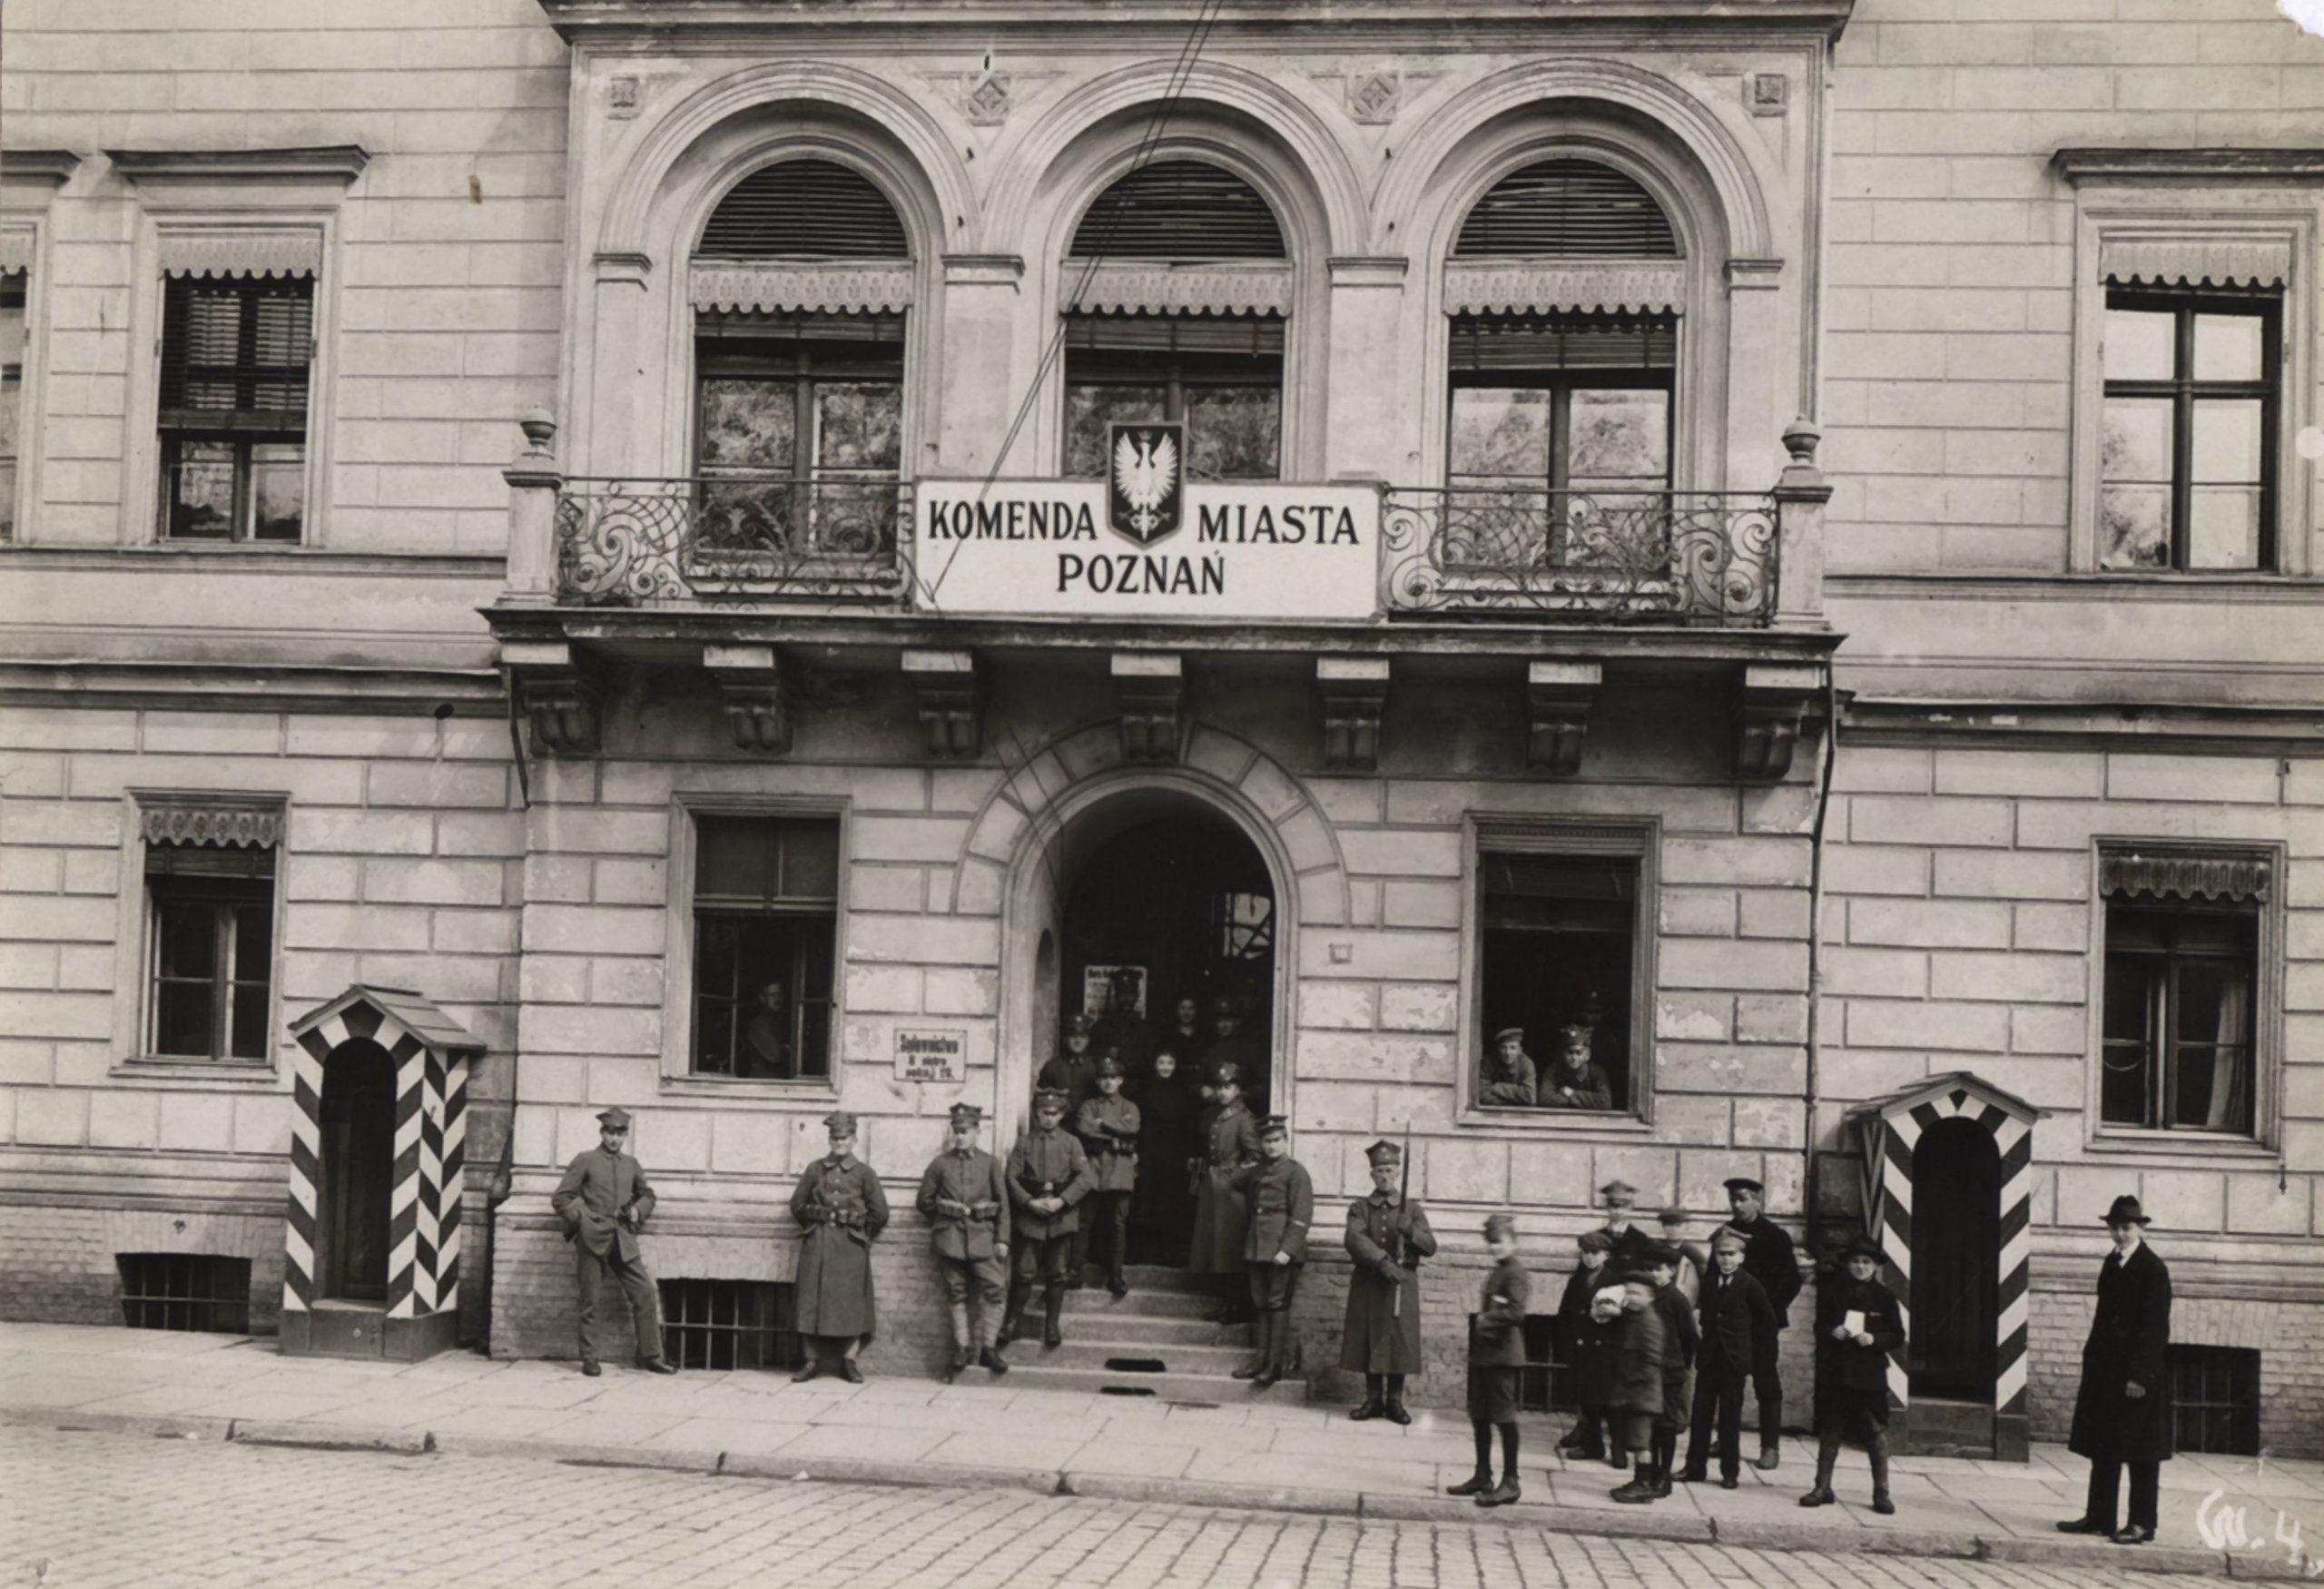 stare zdjęcie z budynkiem i stojącymi przed nim ludźmi